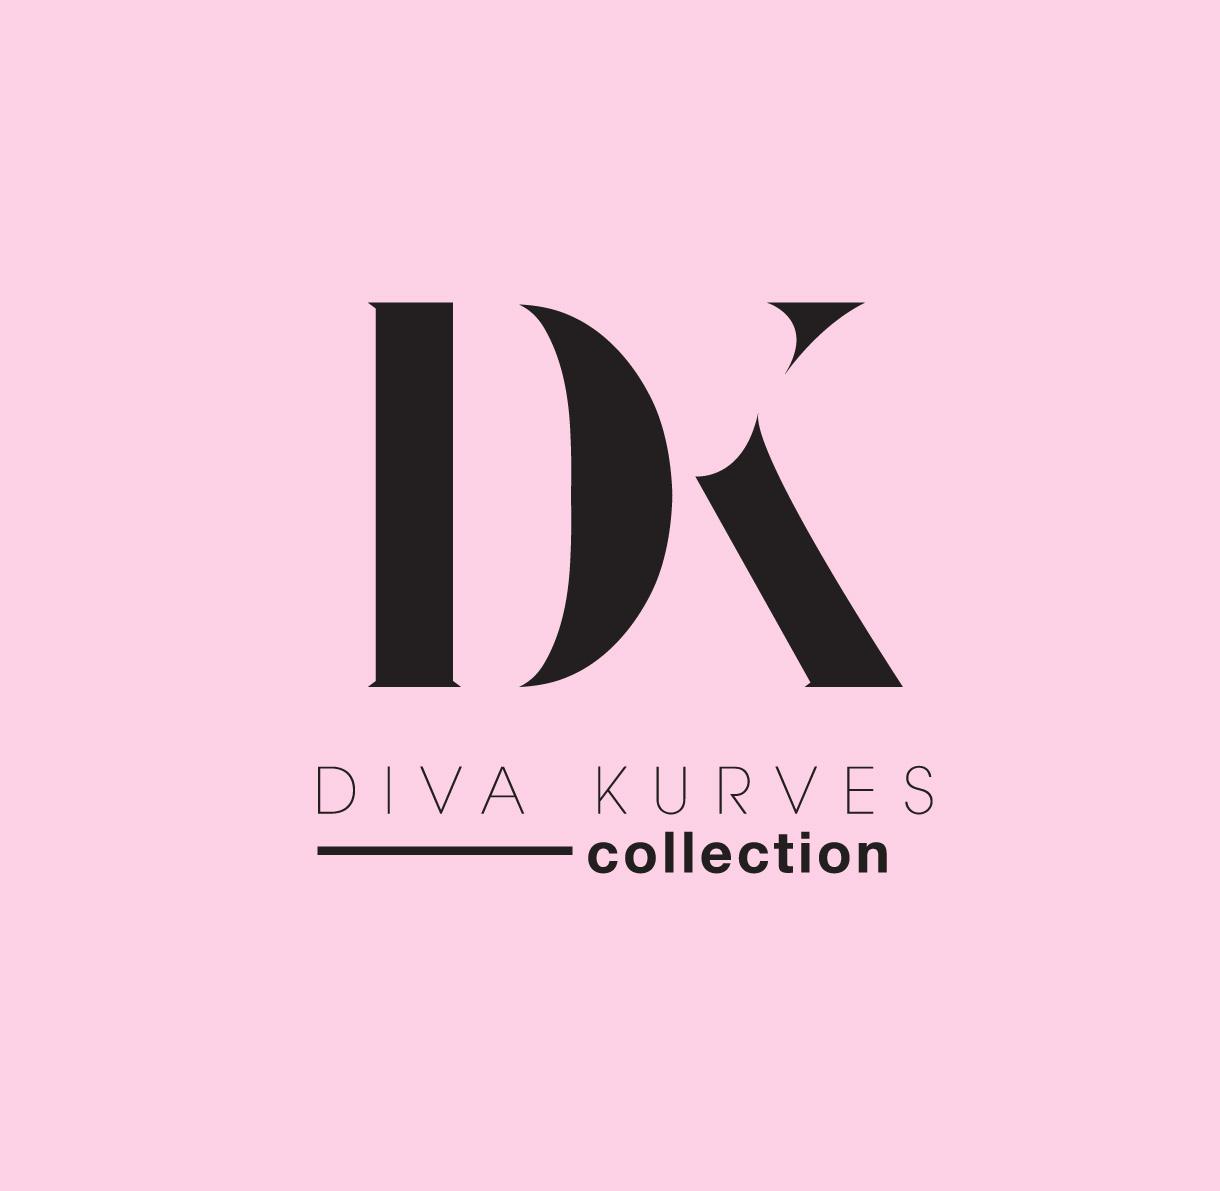 diva_kurves_pink.jpg